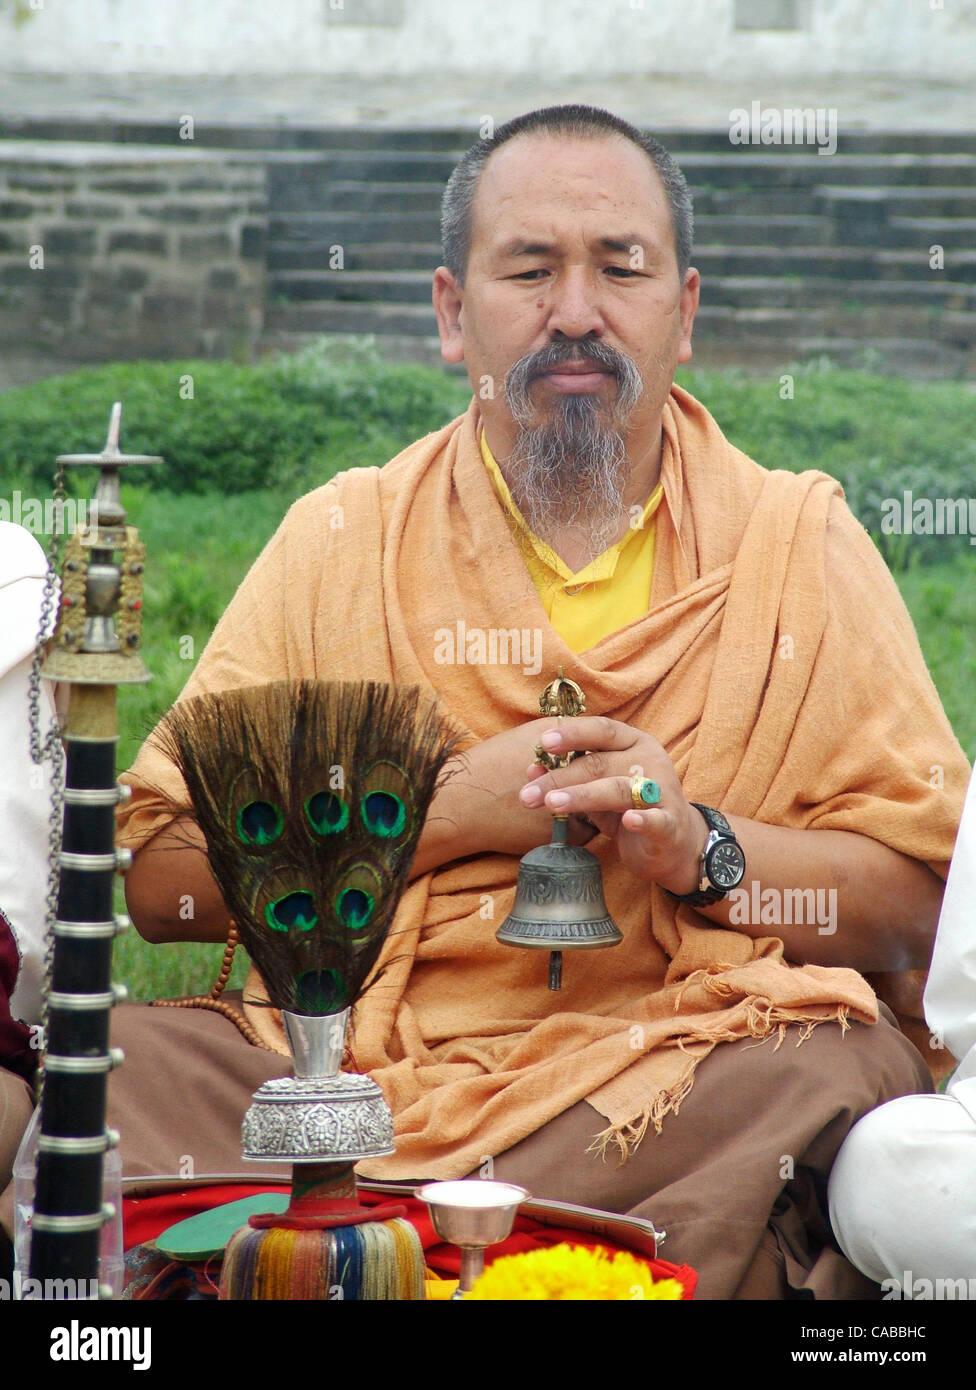 Jun 08, 2004; Kathmandu, Nepal; 'Pashupatinath' tempio è uno dei prestigiosi templi sacri per gli Indù Immagini Stock